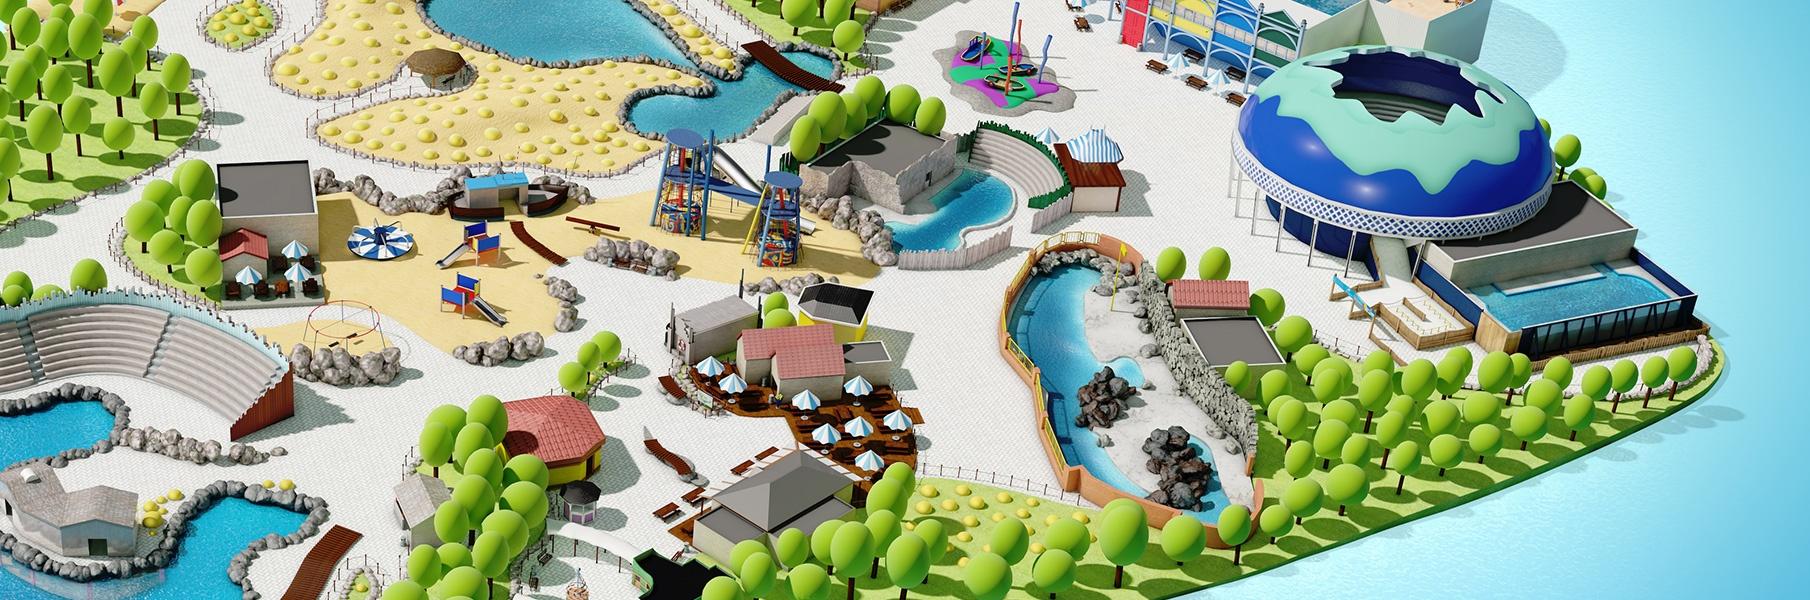 3D Illustratie Plattegrond Dolfinarium